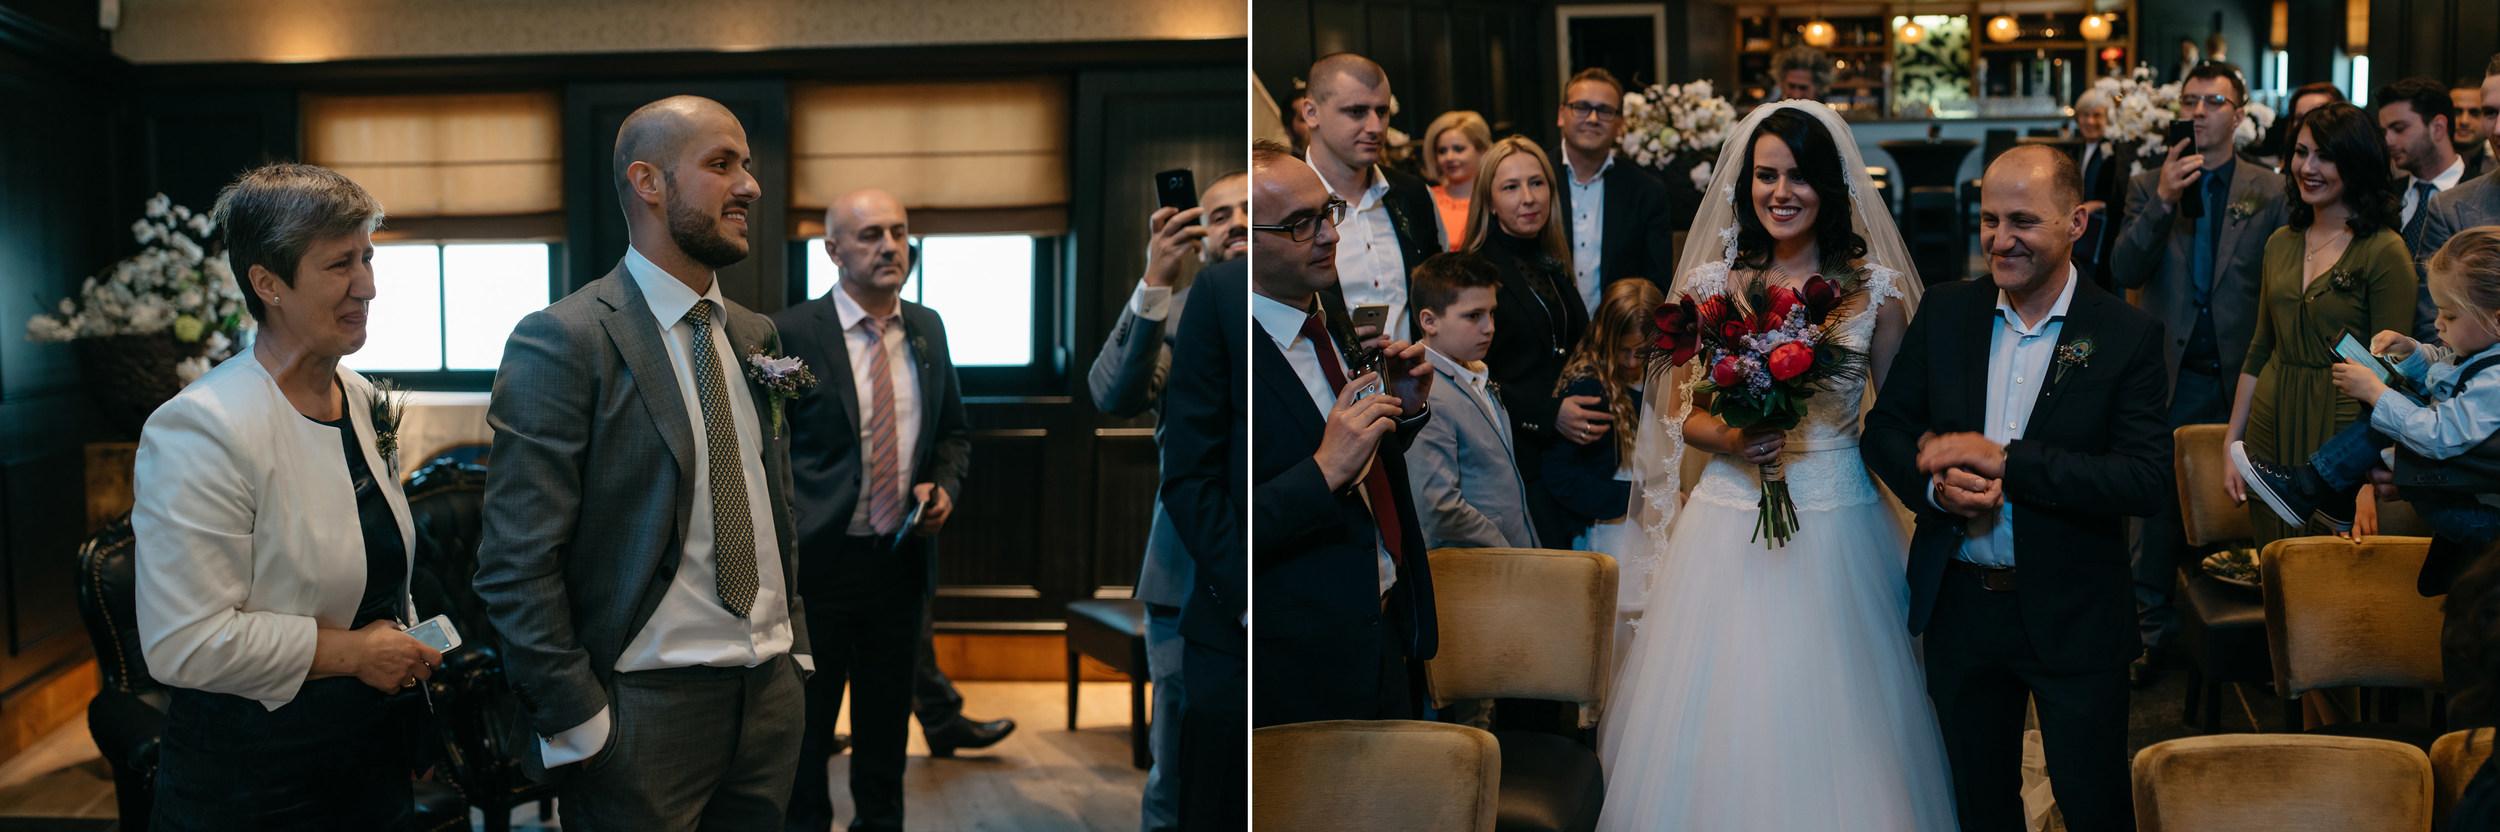 huwelijk ceremony bruiloft fotografie amsterdam